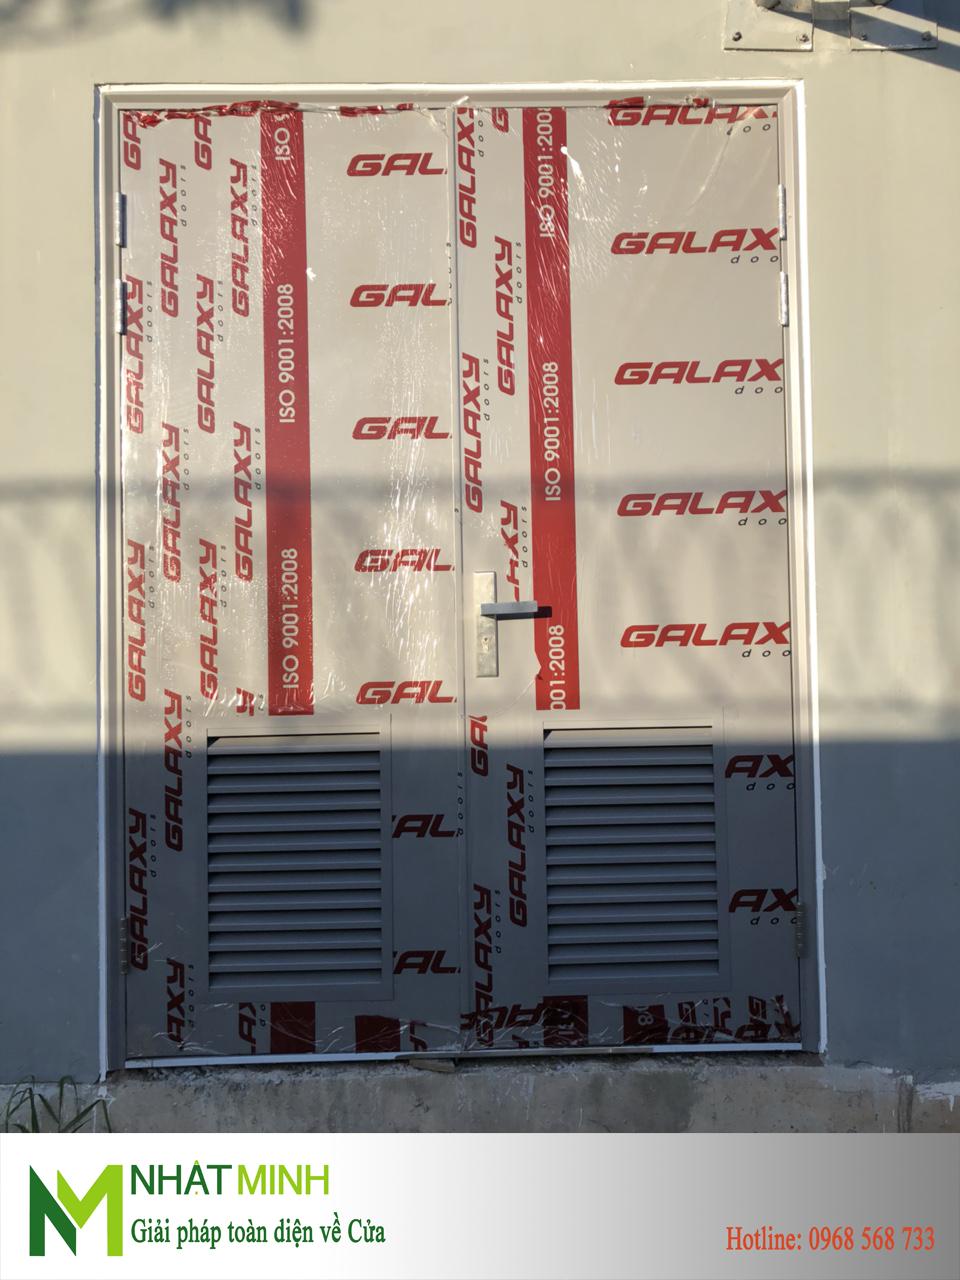 Lắp cửa thép chống cháy Galaxy cho CANIFA